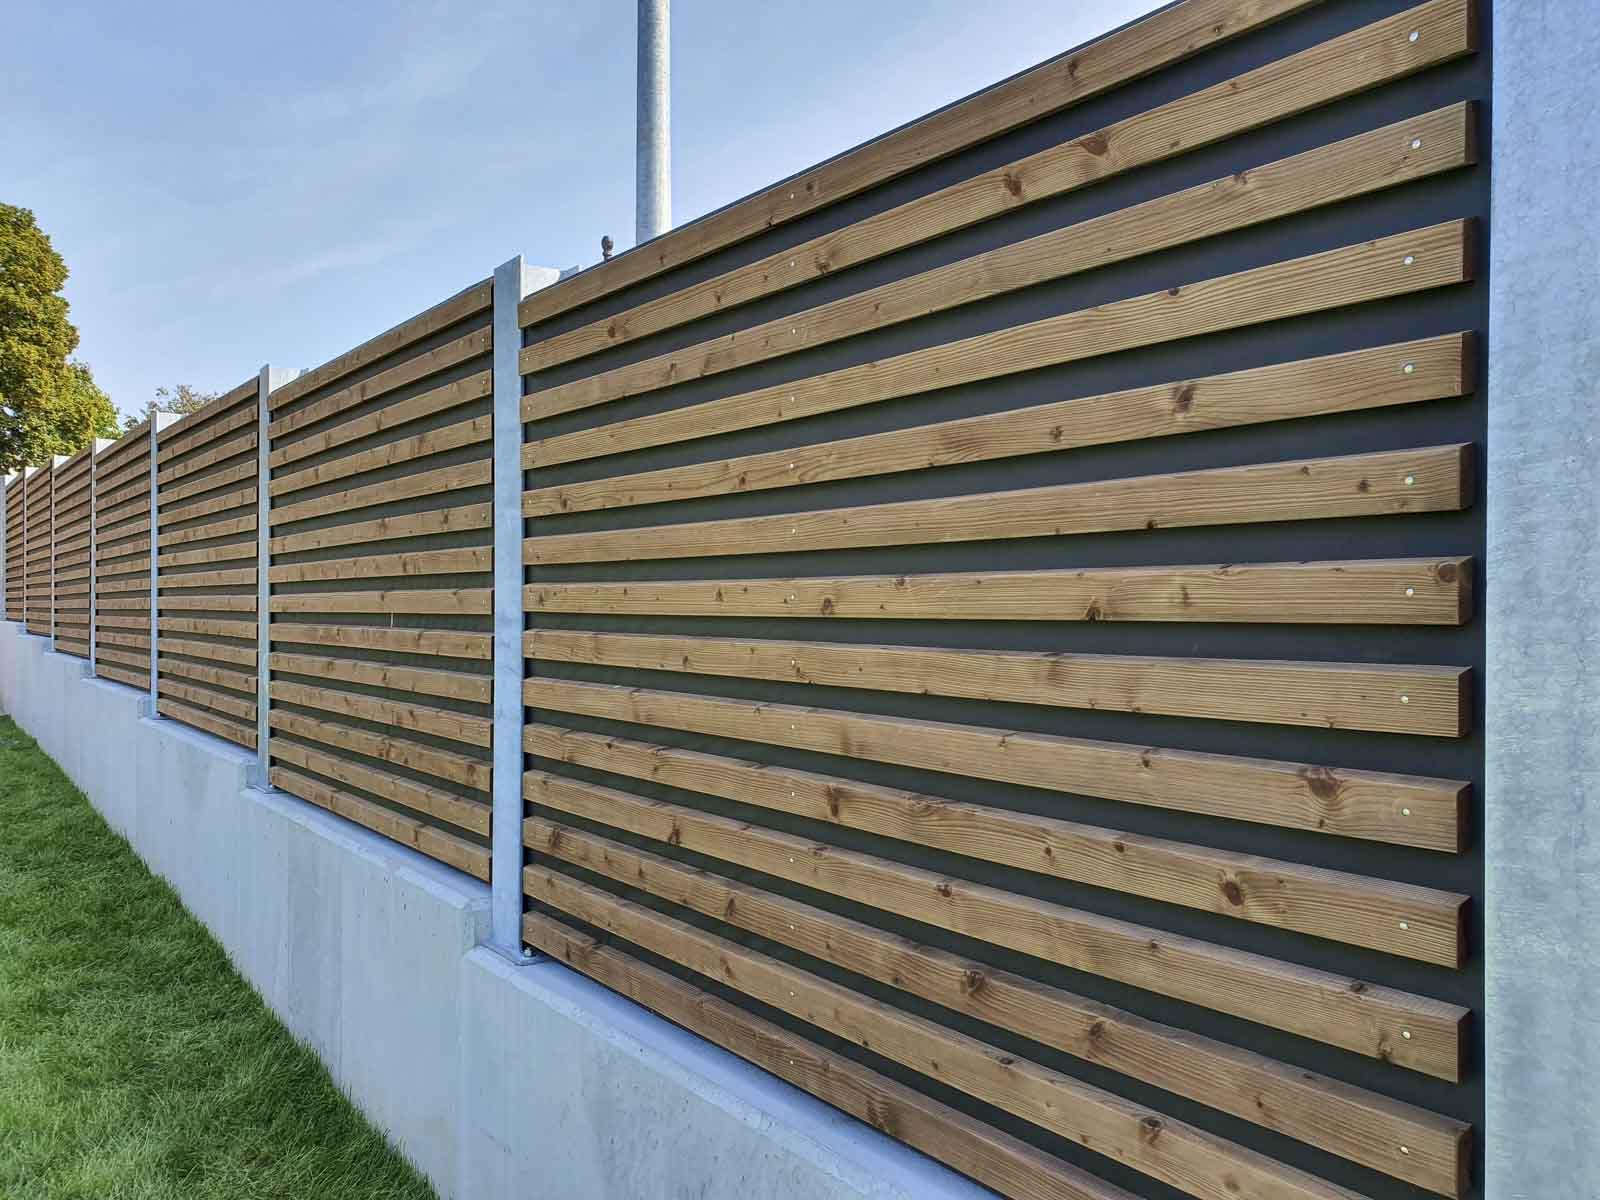 Wooddesign_Terrassengestaltung_Sichtschutz_Schallschutz_Schallschutzwand_druckimprägniert braun (1)